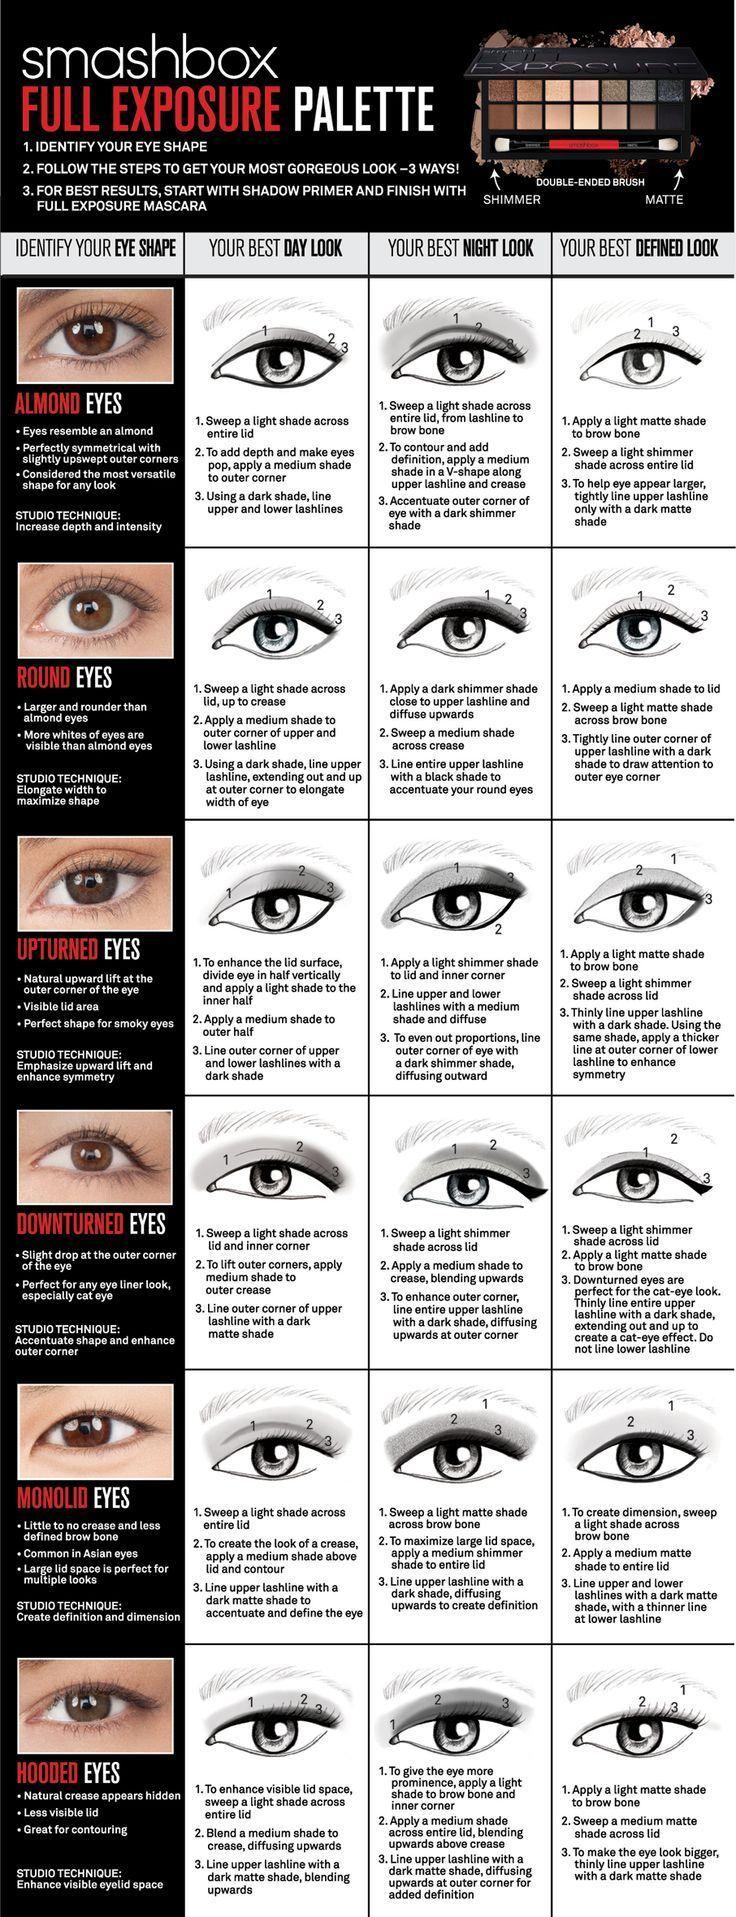 Smashbox Full Exposure Palette Eye Shape Chart - will try!:-)